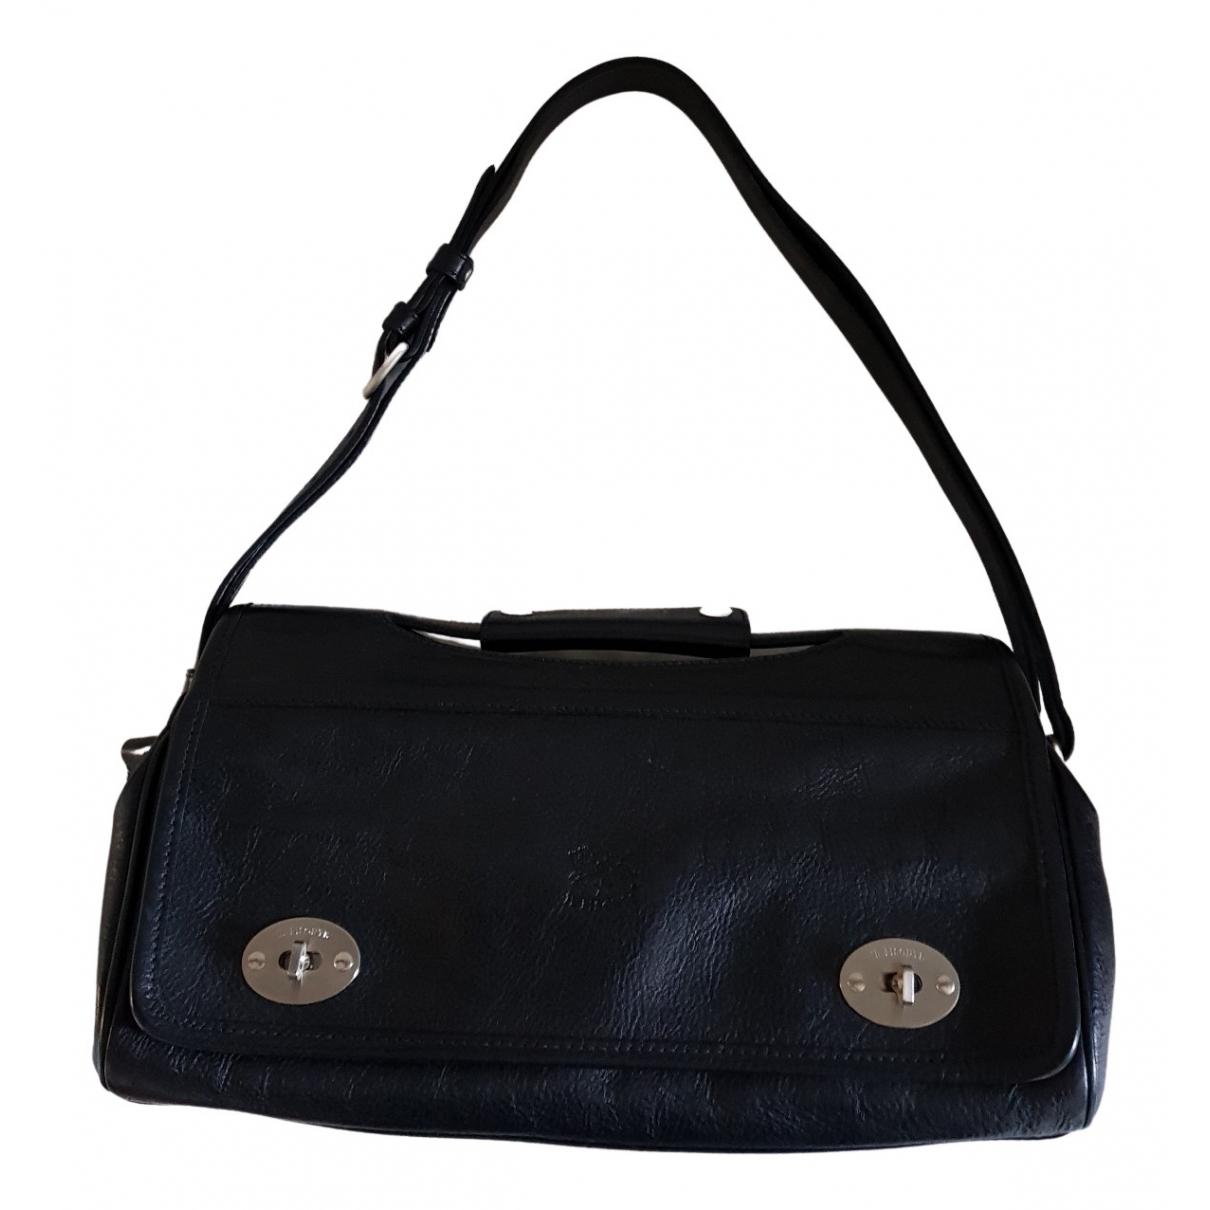 Il Bisonte \N Handtasche in  Schwarz Leder